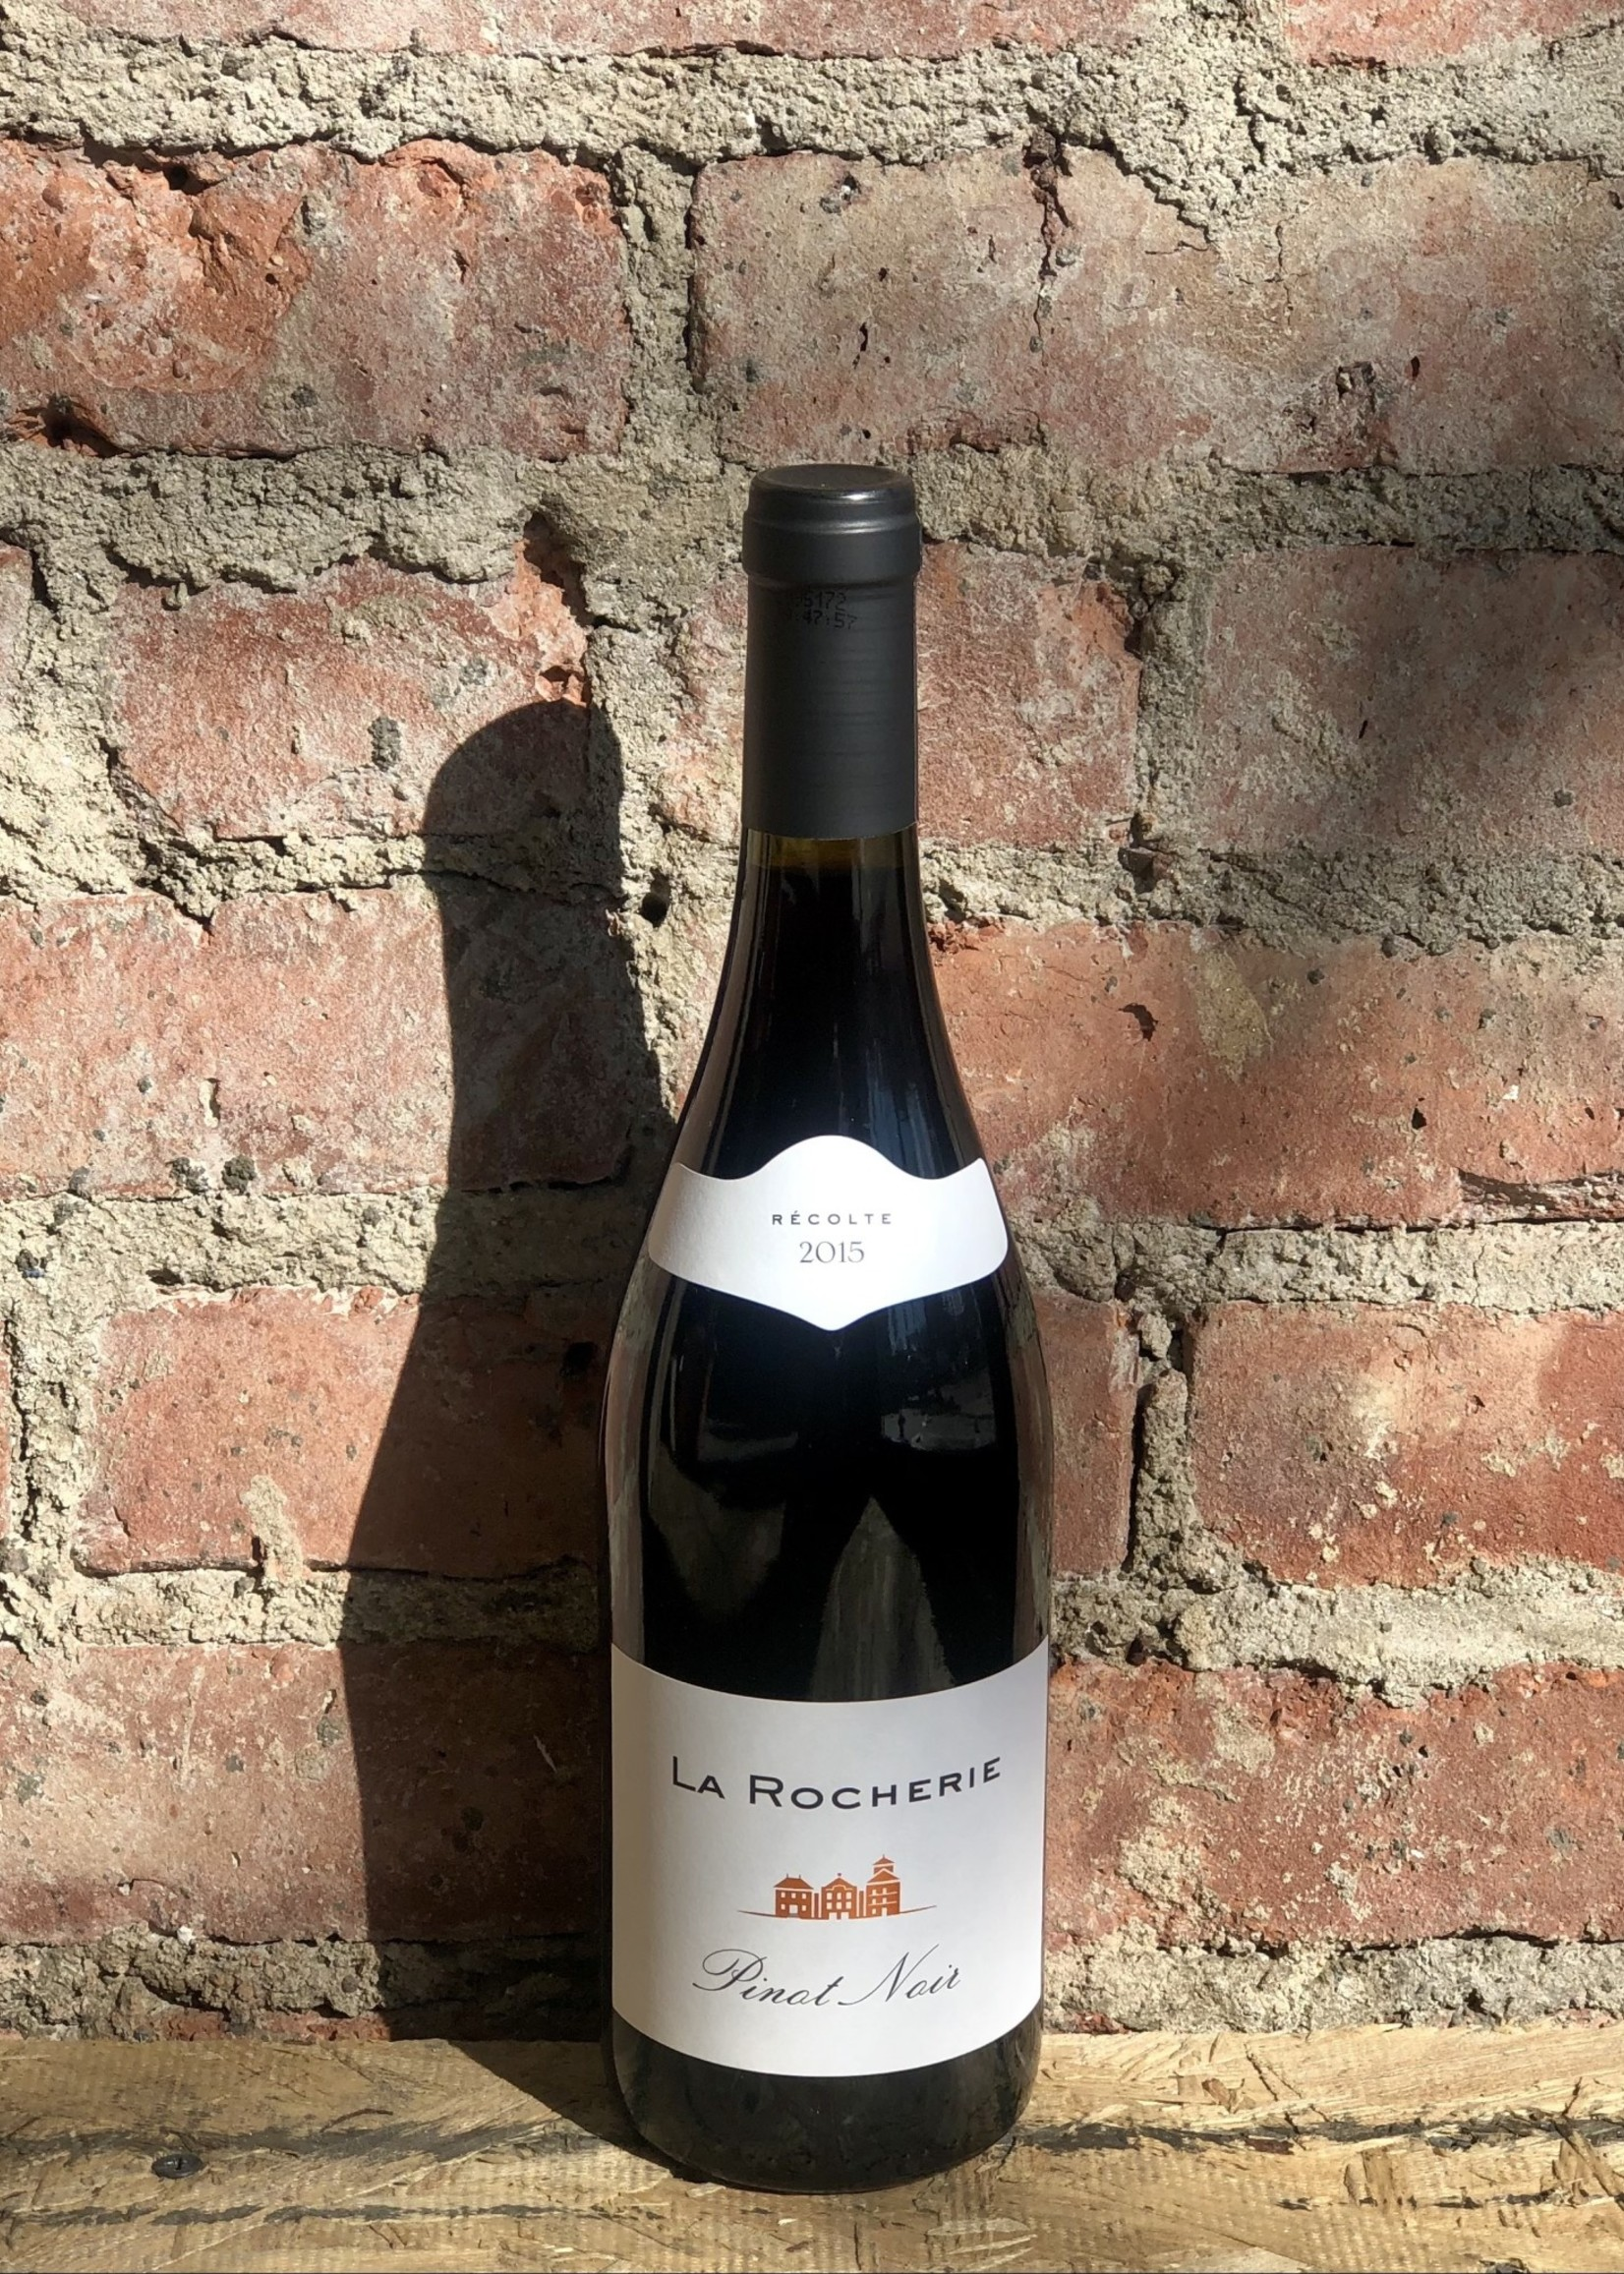 La Rocherie Pinot Noir 2015 (Languedoc, France)